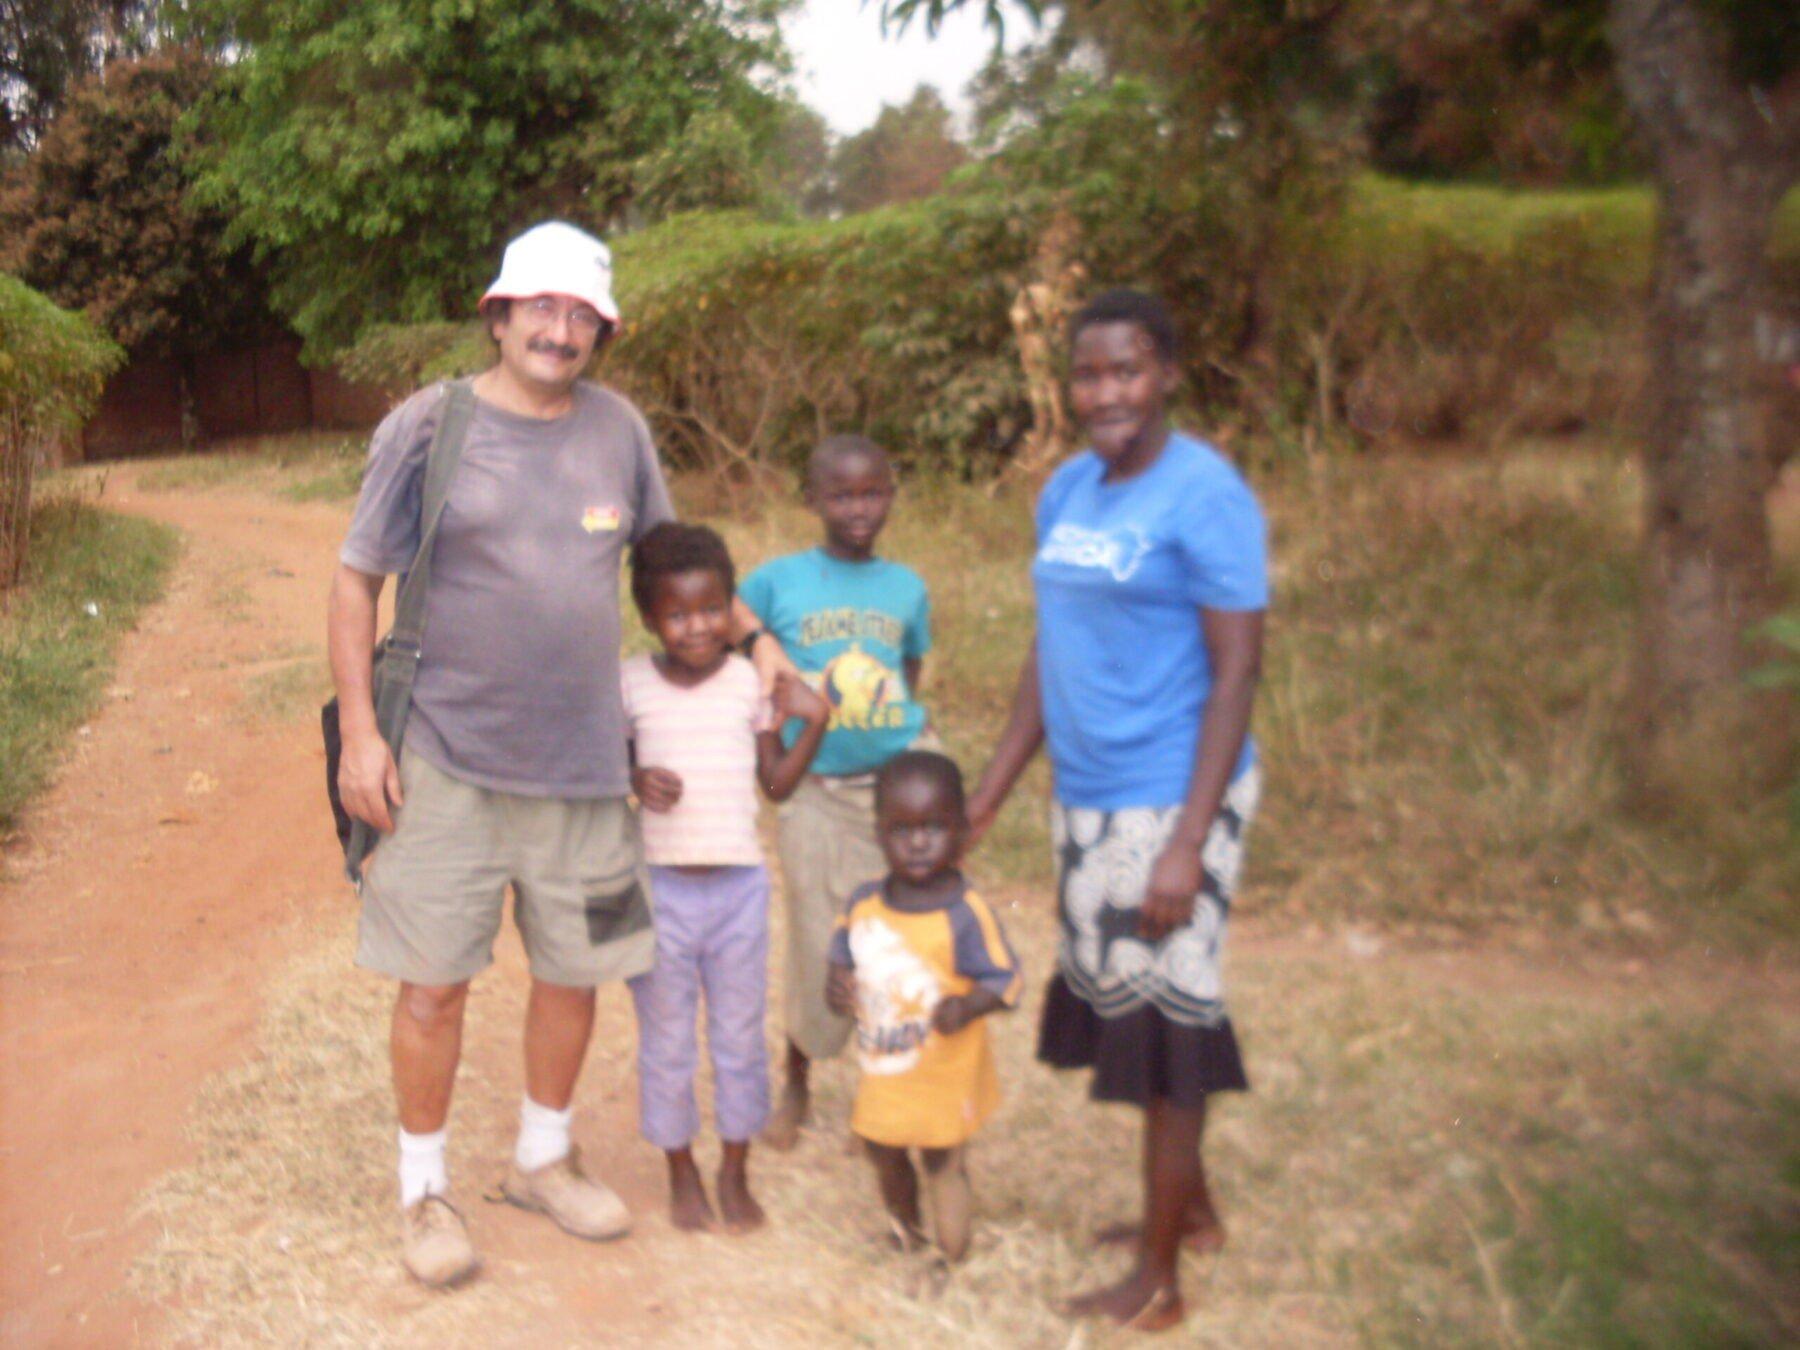 Magentino - Il Centro Missionario Magentino: ripristino dei pozzi in Uganda e il nuovo presidente Paolo Meda 18/12/2020